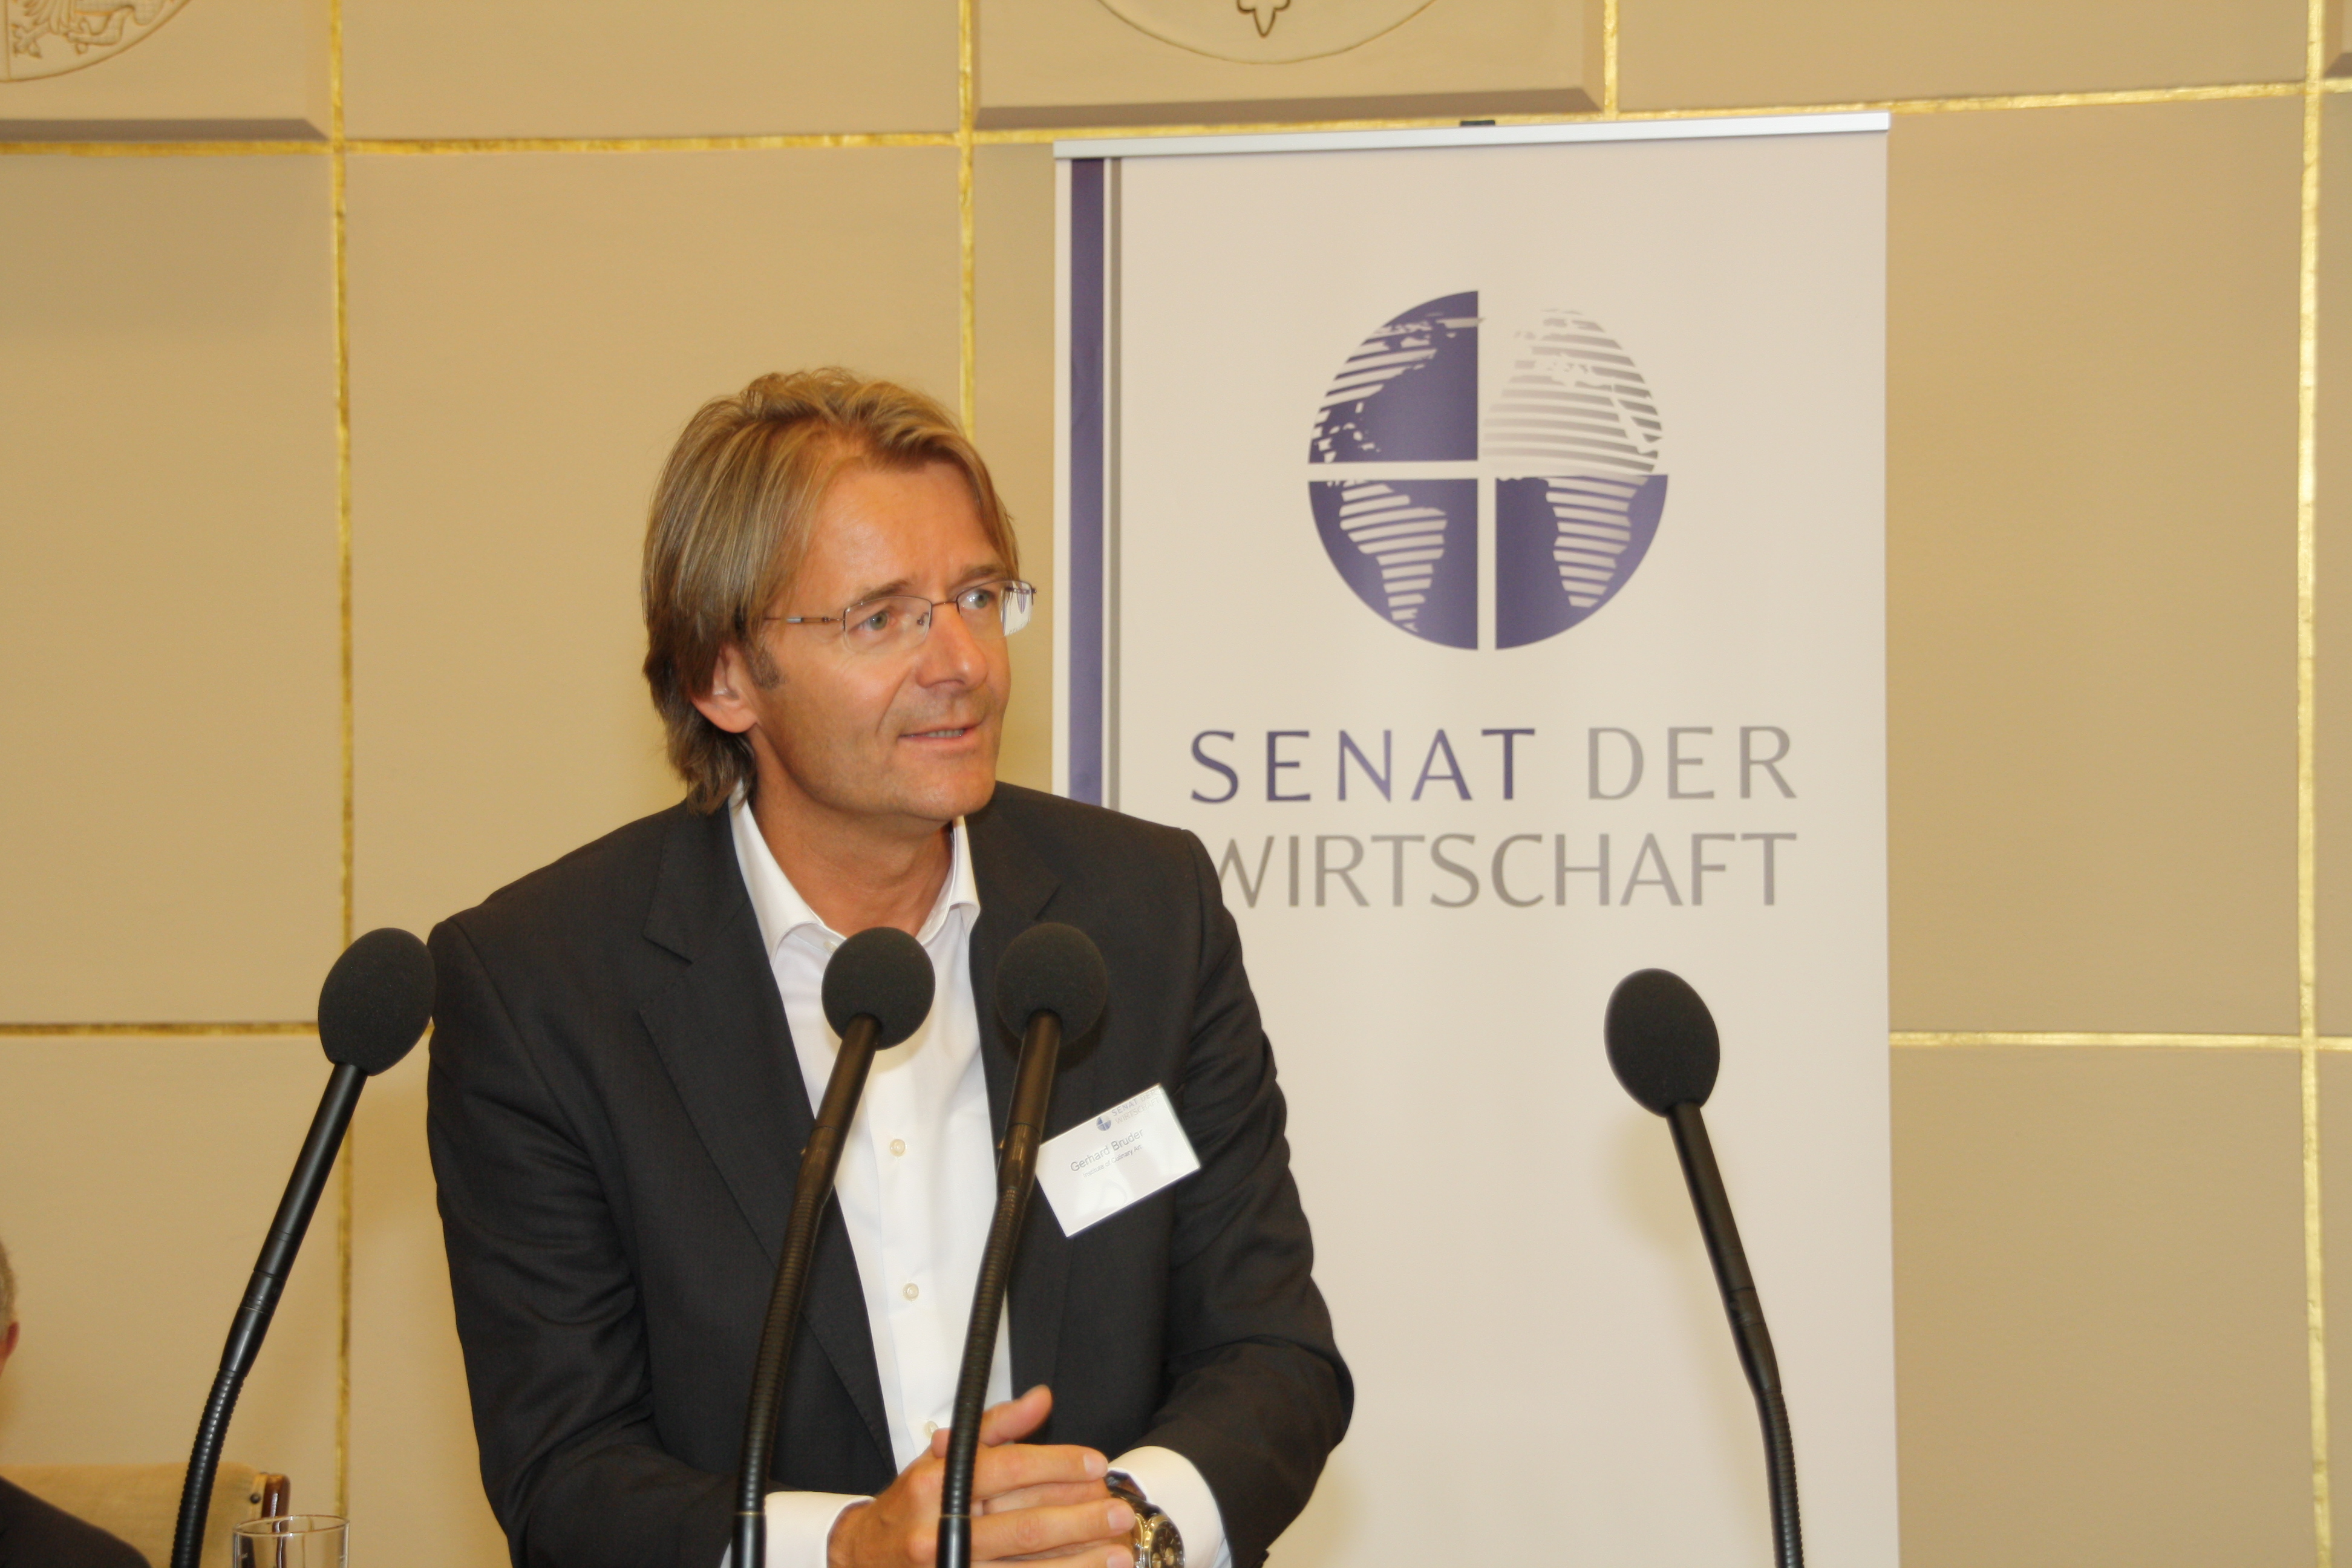 SENAT DER WIRTSCHAFT WÄHLTE PRÄSIDIUM: GERHARD BRUDER ZUM VIZEPRÄSIDENTEN GEWÄHLT